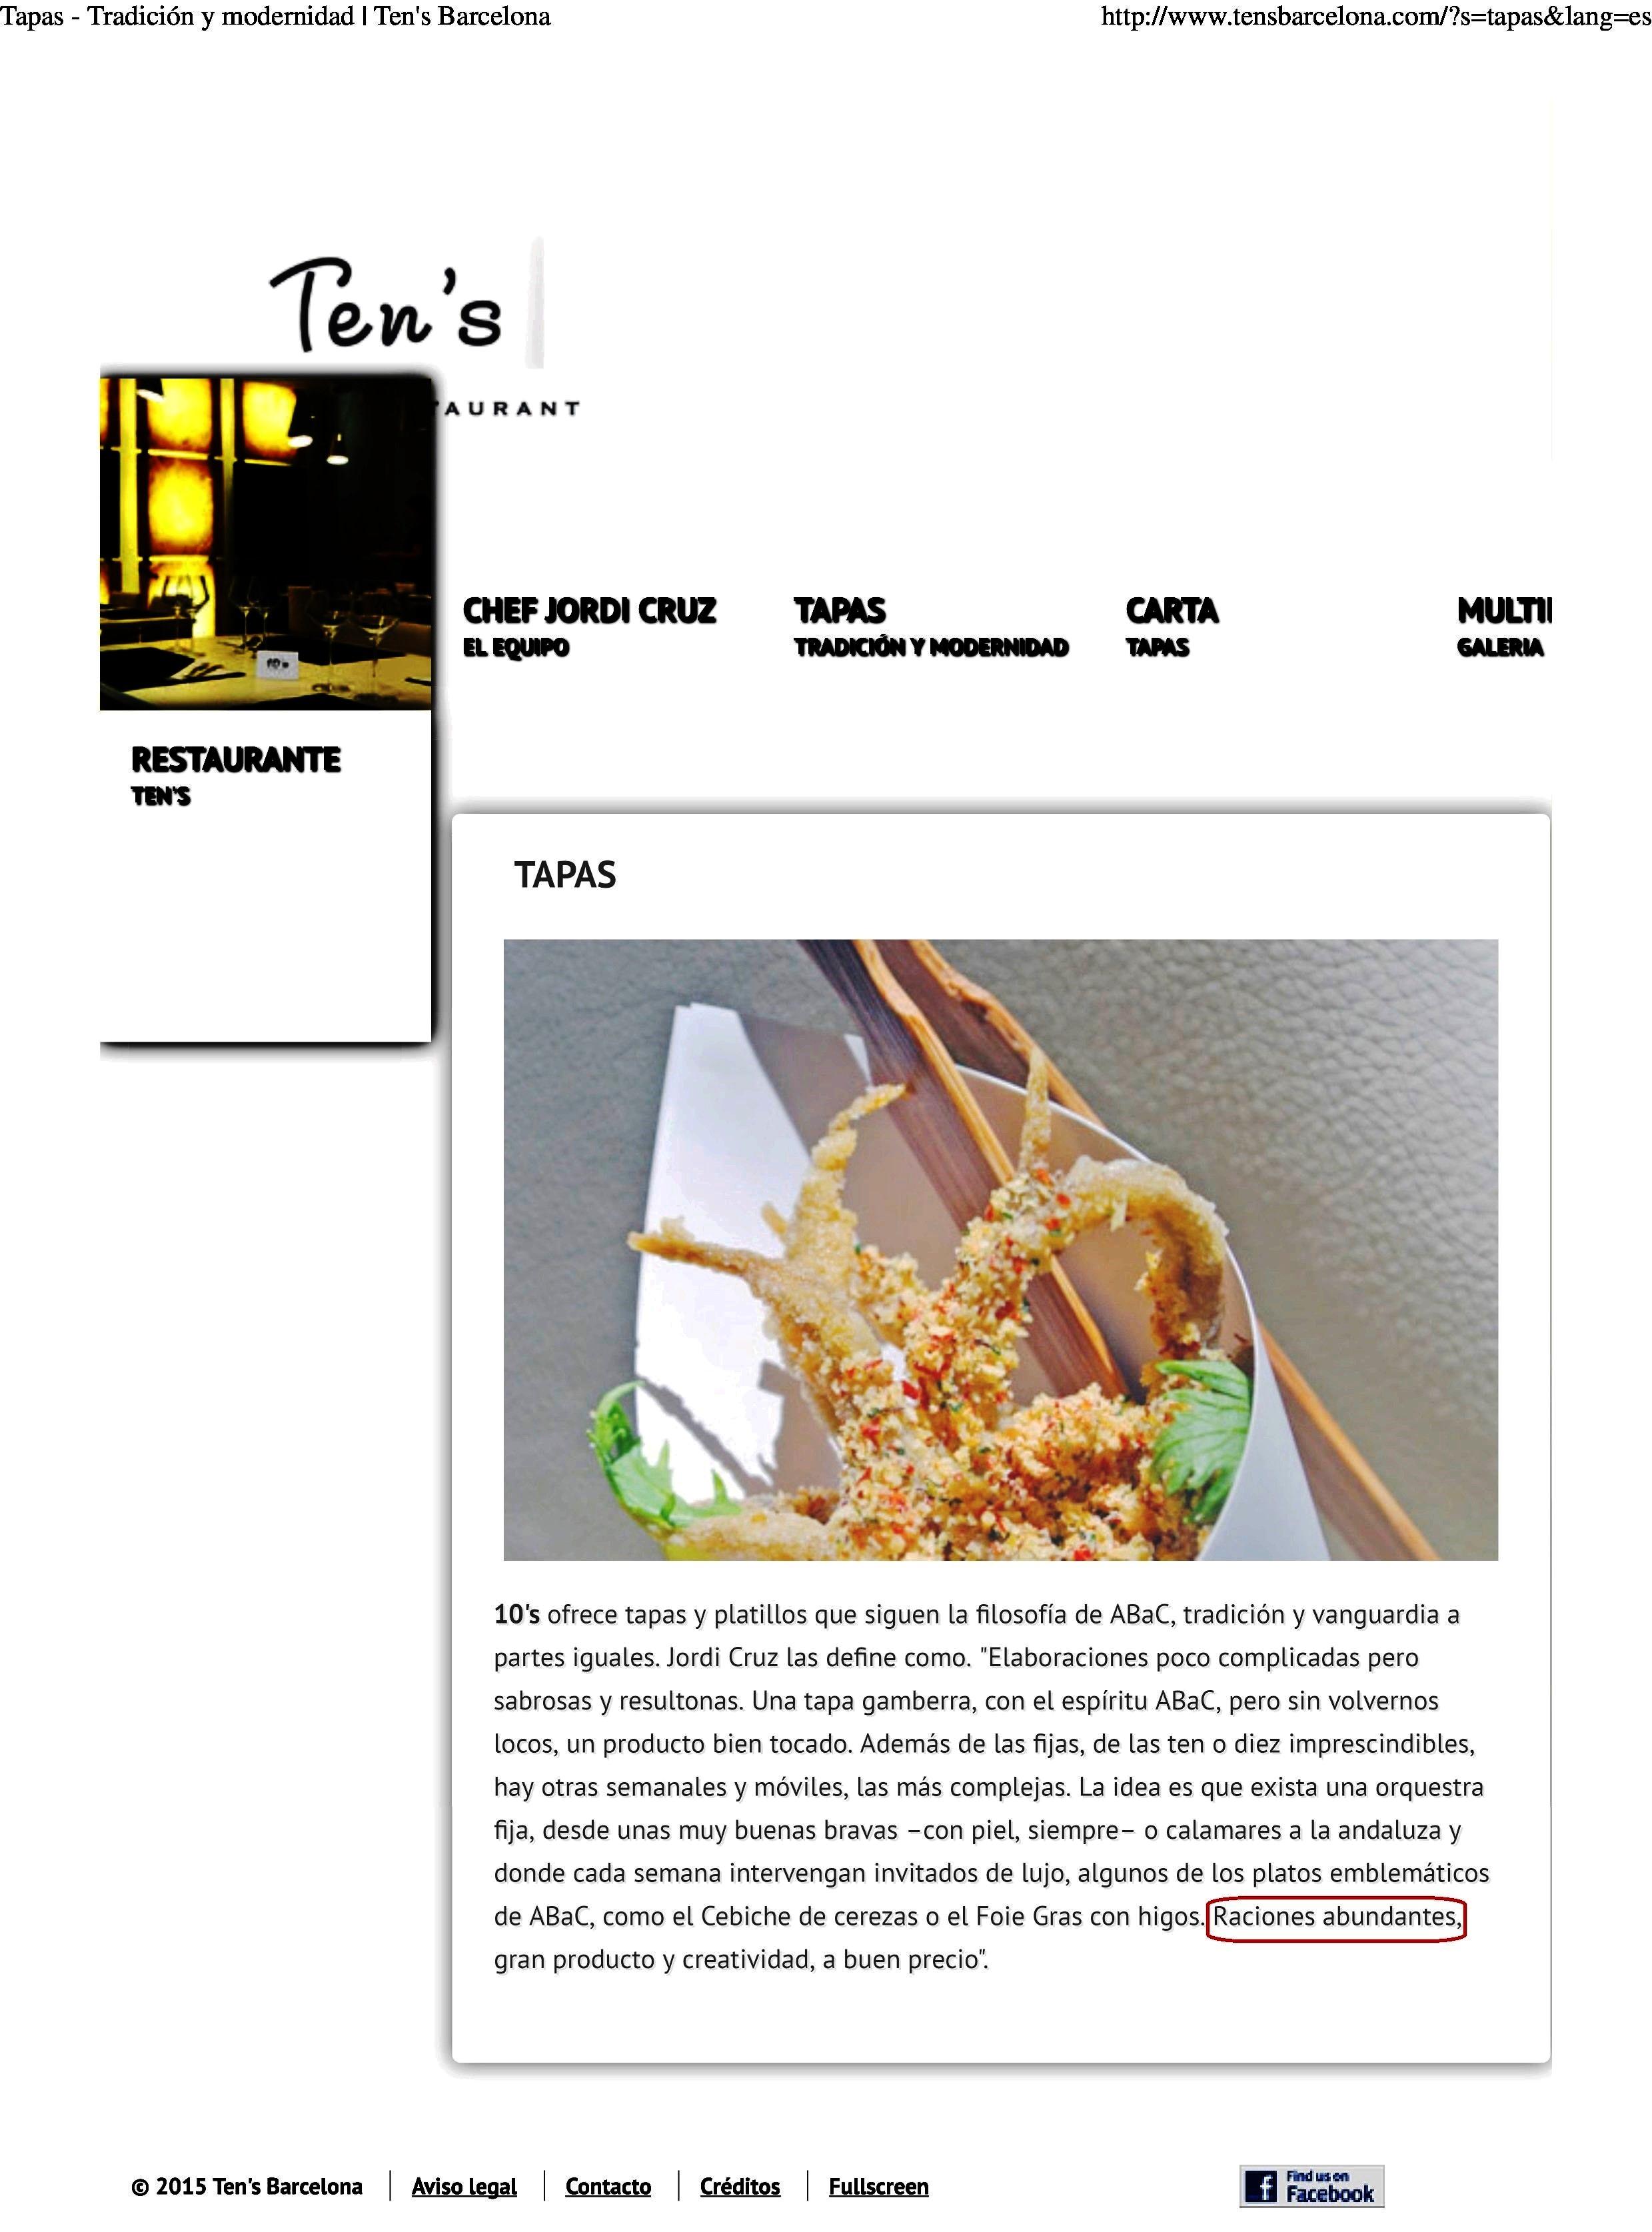 """Restaurante en Madrid Lo de """"raciones abundantes"""" debe ir en broma..."""